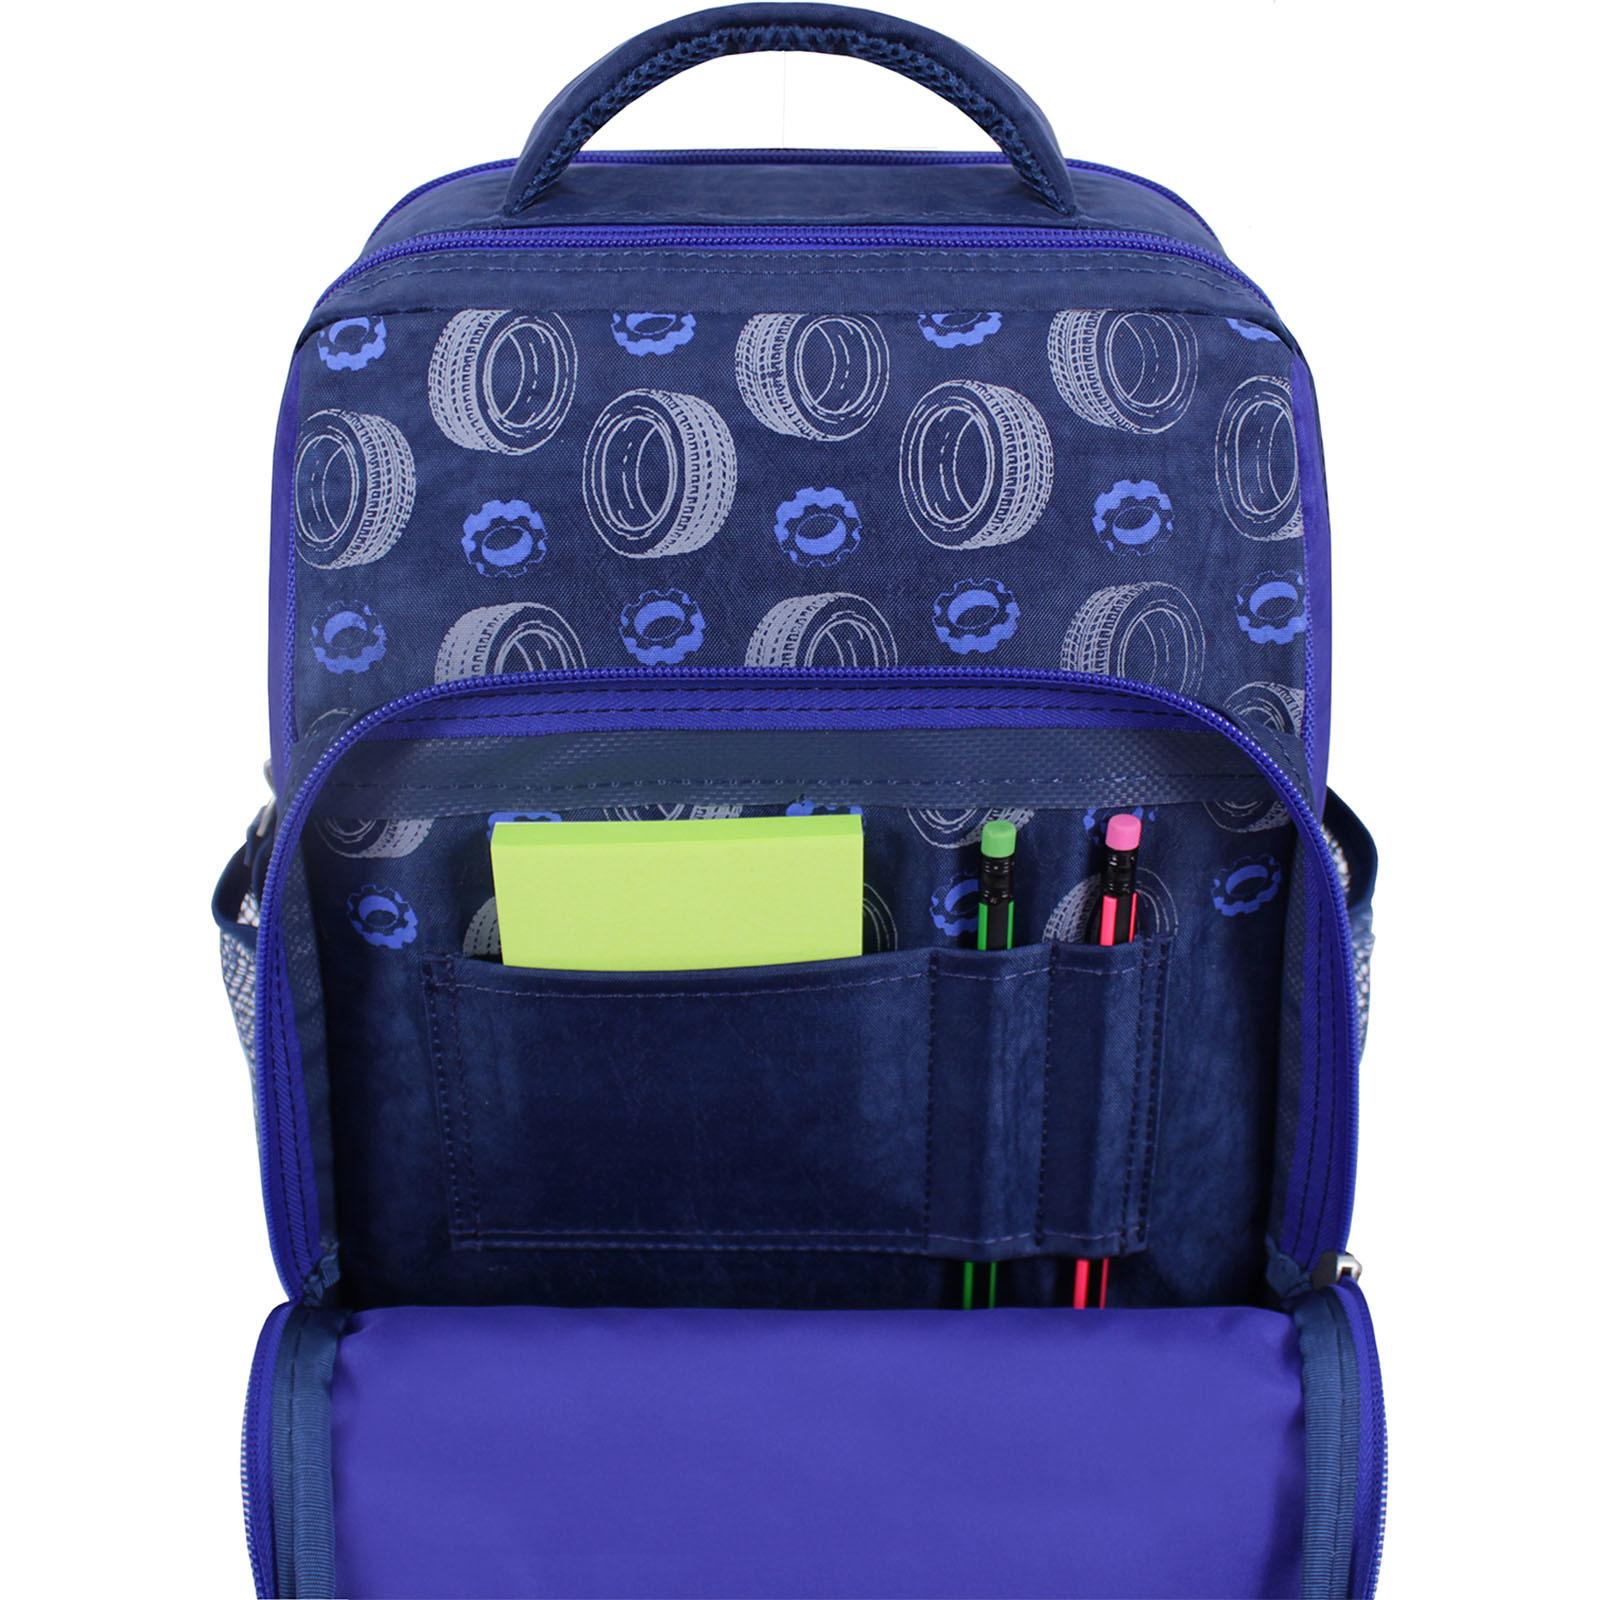 Рюкзак школьный Bagland Школьник 8 л. синий 551 (0012870) фото 4